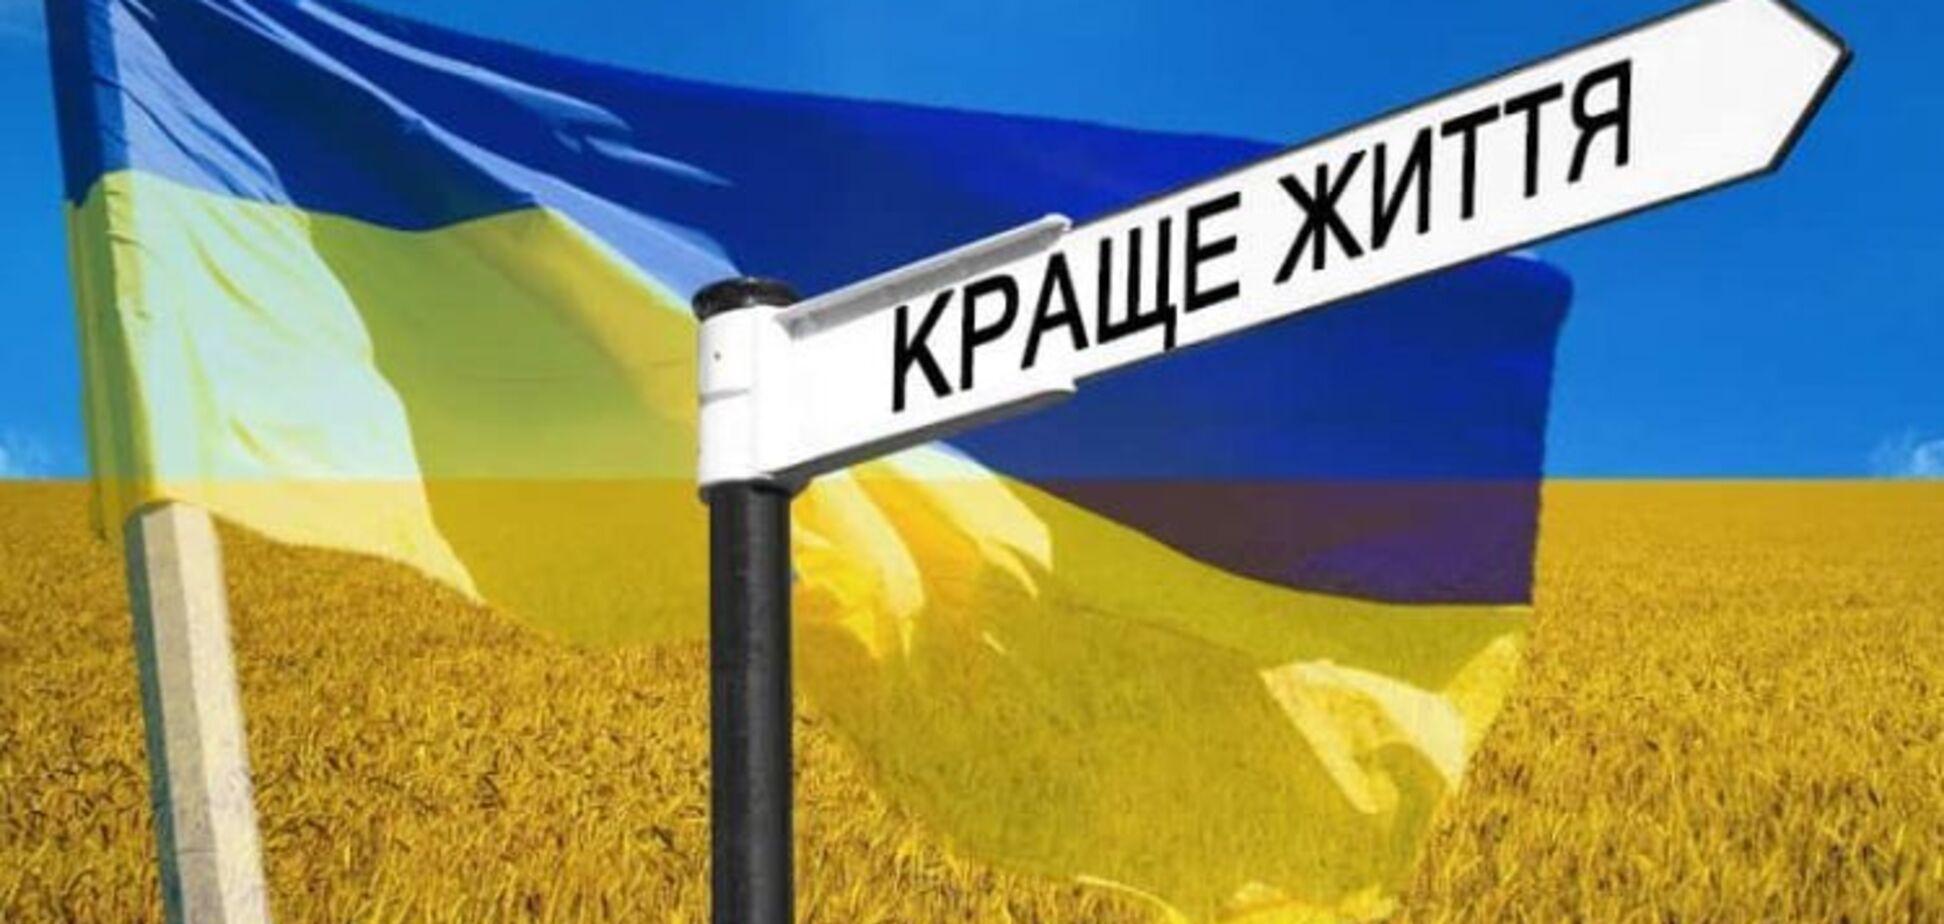 Економічний курс Тимошенко дозволить мільйонам заробітчан повернутися додому - експерт